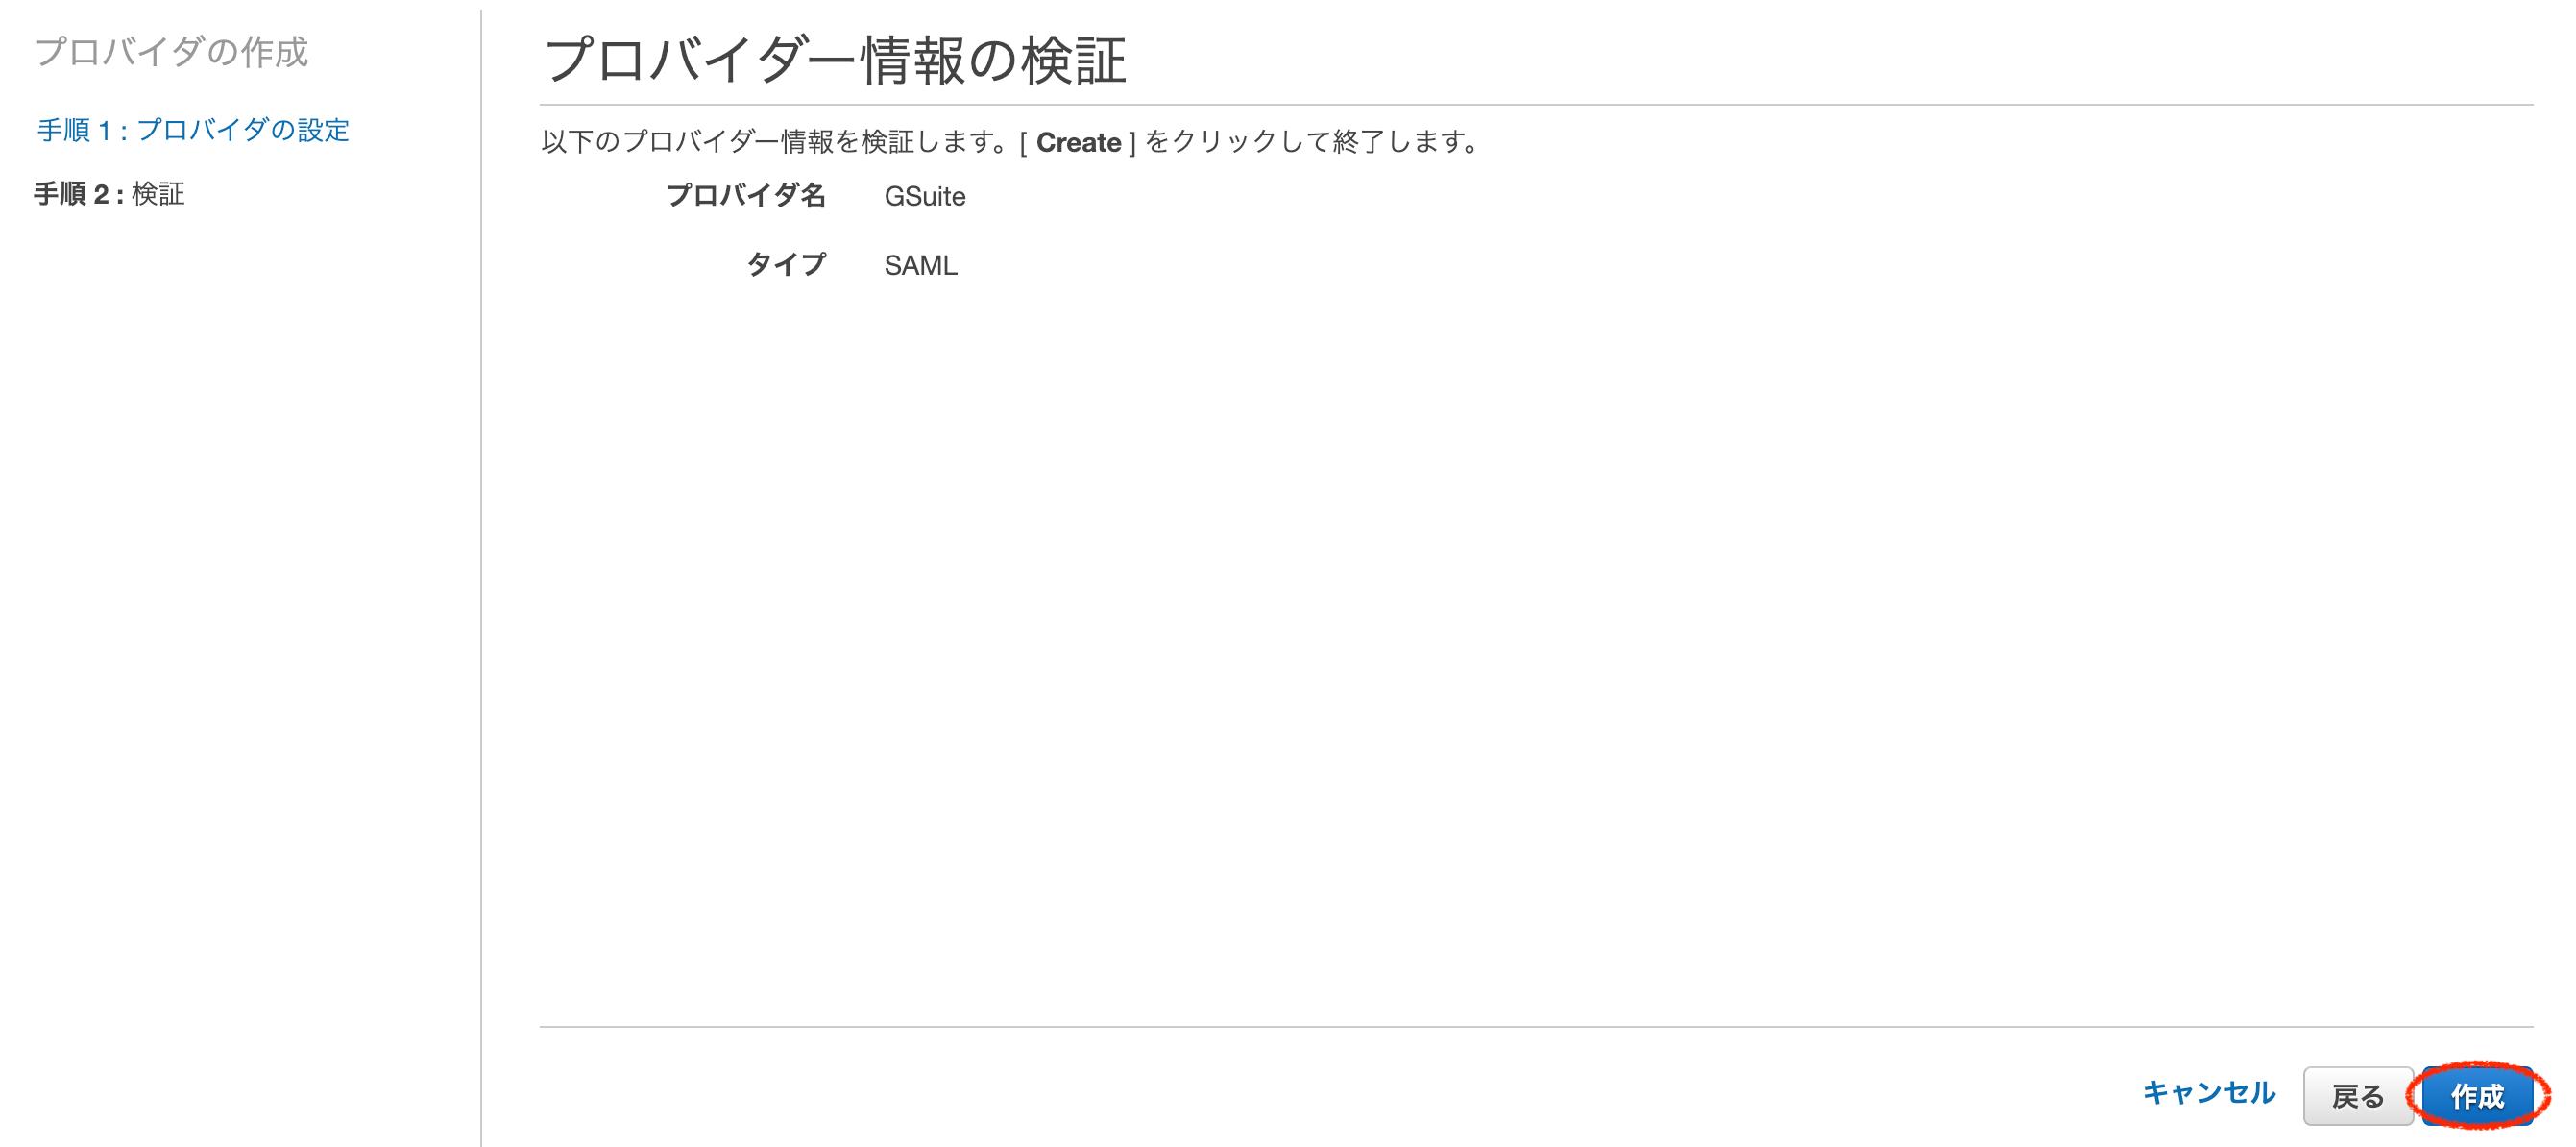 スクリーンショット 2019-01-05 0.12.15.png